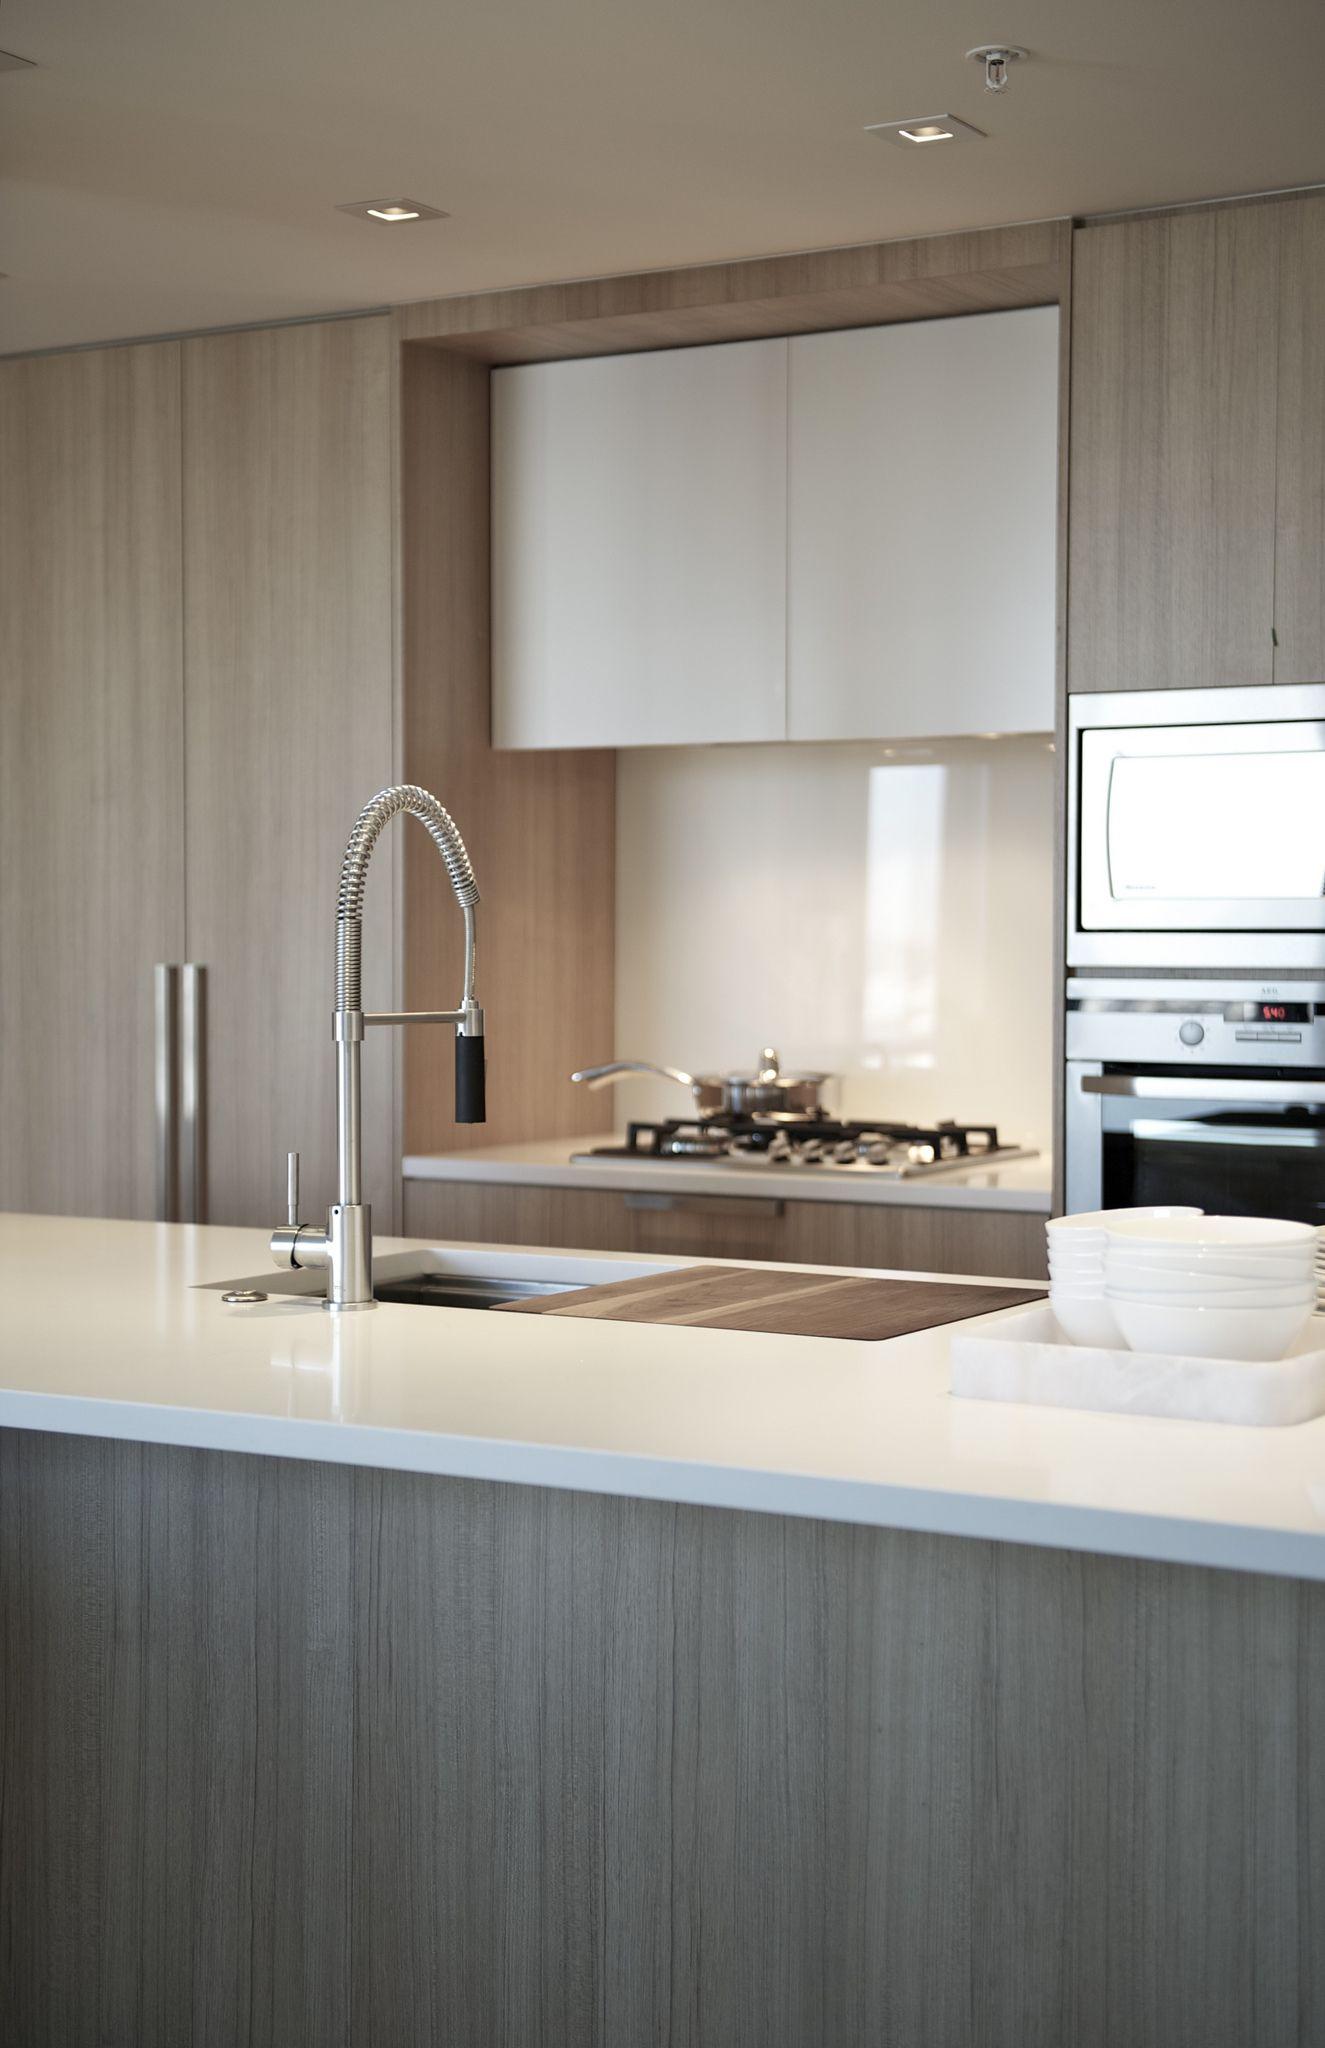 Dsc5847 Com Imagens Decoracao Cozinha Interiores Cozinha E